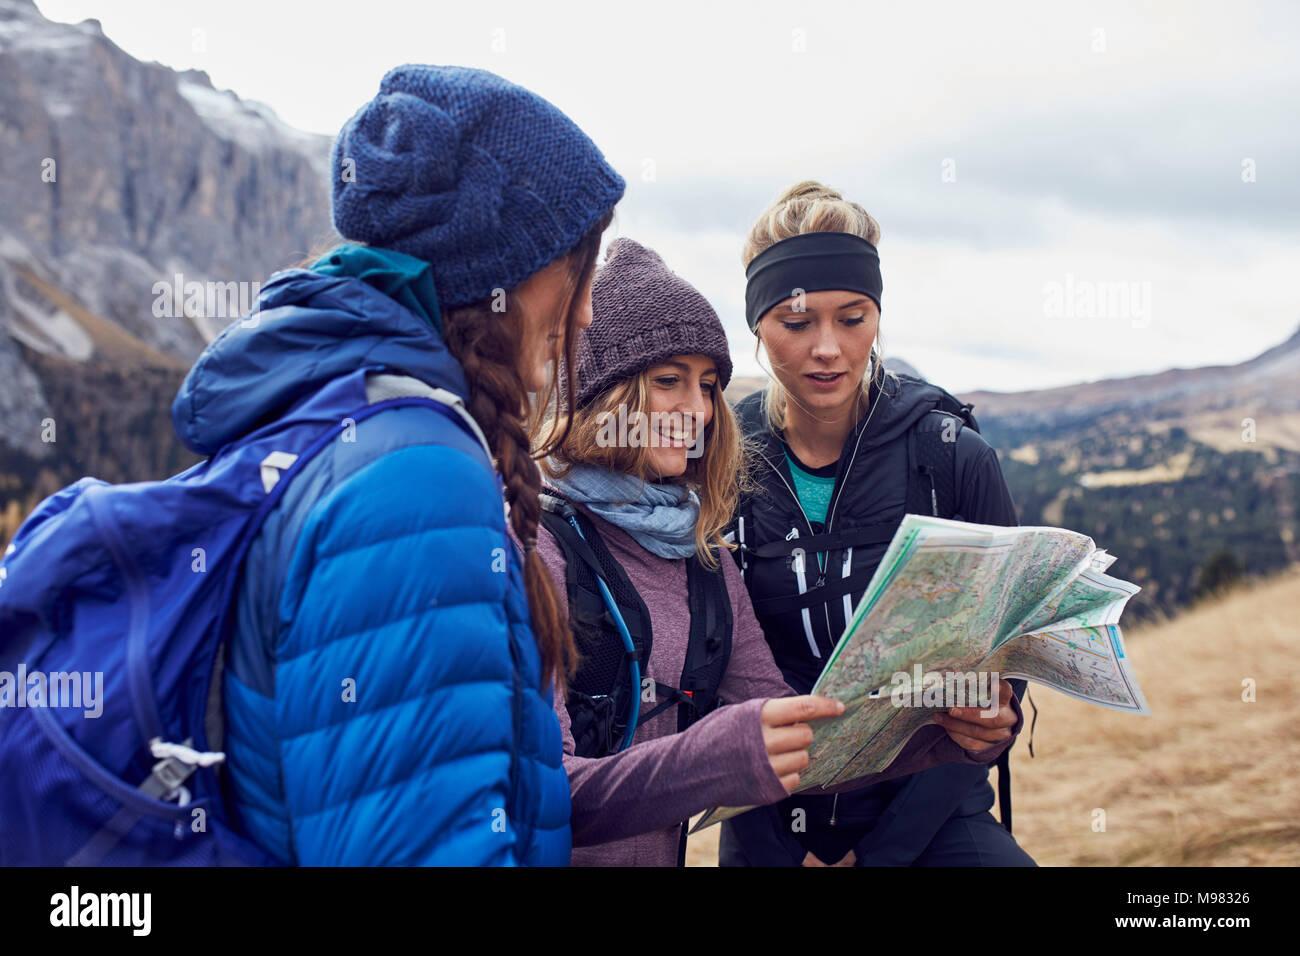 Trois jeunes femmes de la randonnée dans les montagnes à la recherche à la carte Photo Stock